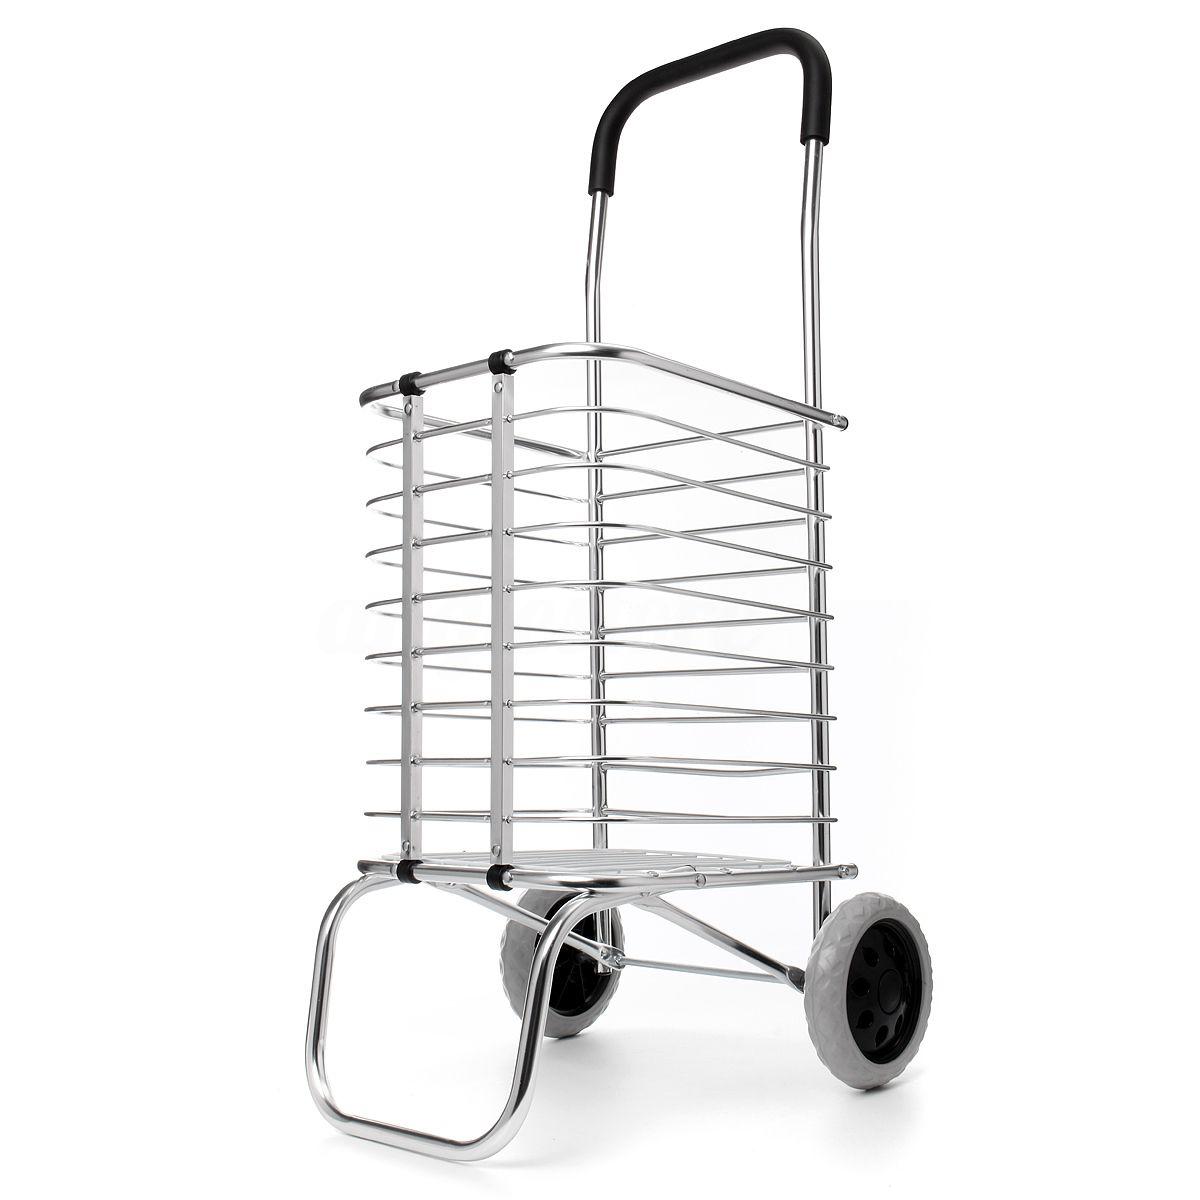 Carrinho de Mão Dobravel Aluminio Feira Compras Portatil Transporte